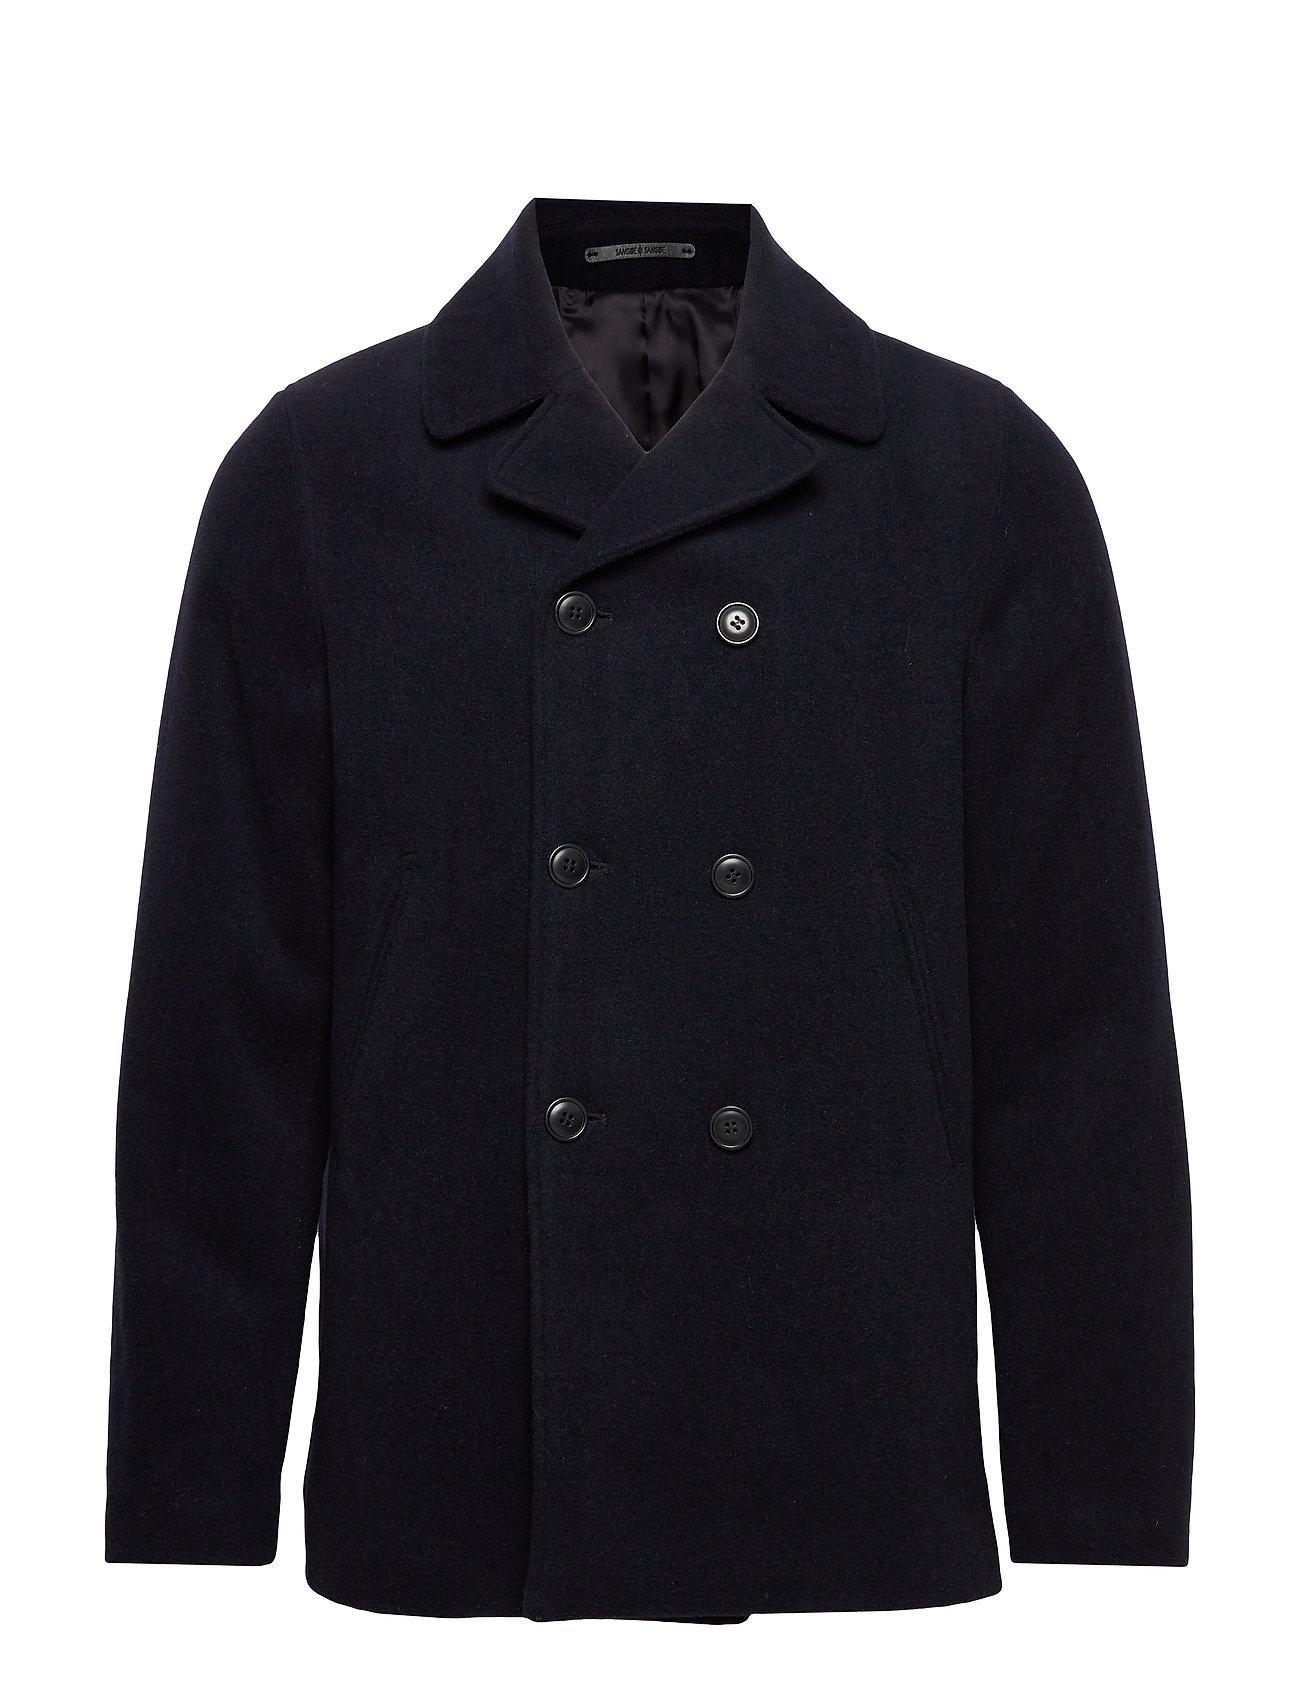 Samsøe & Samsøe Brandi coat 11124 - NIGHT SKY